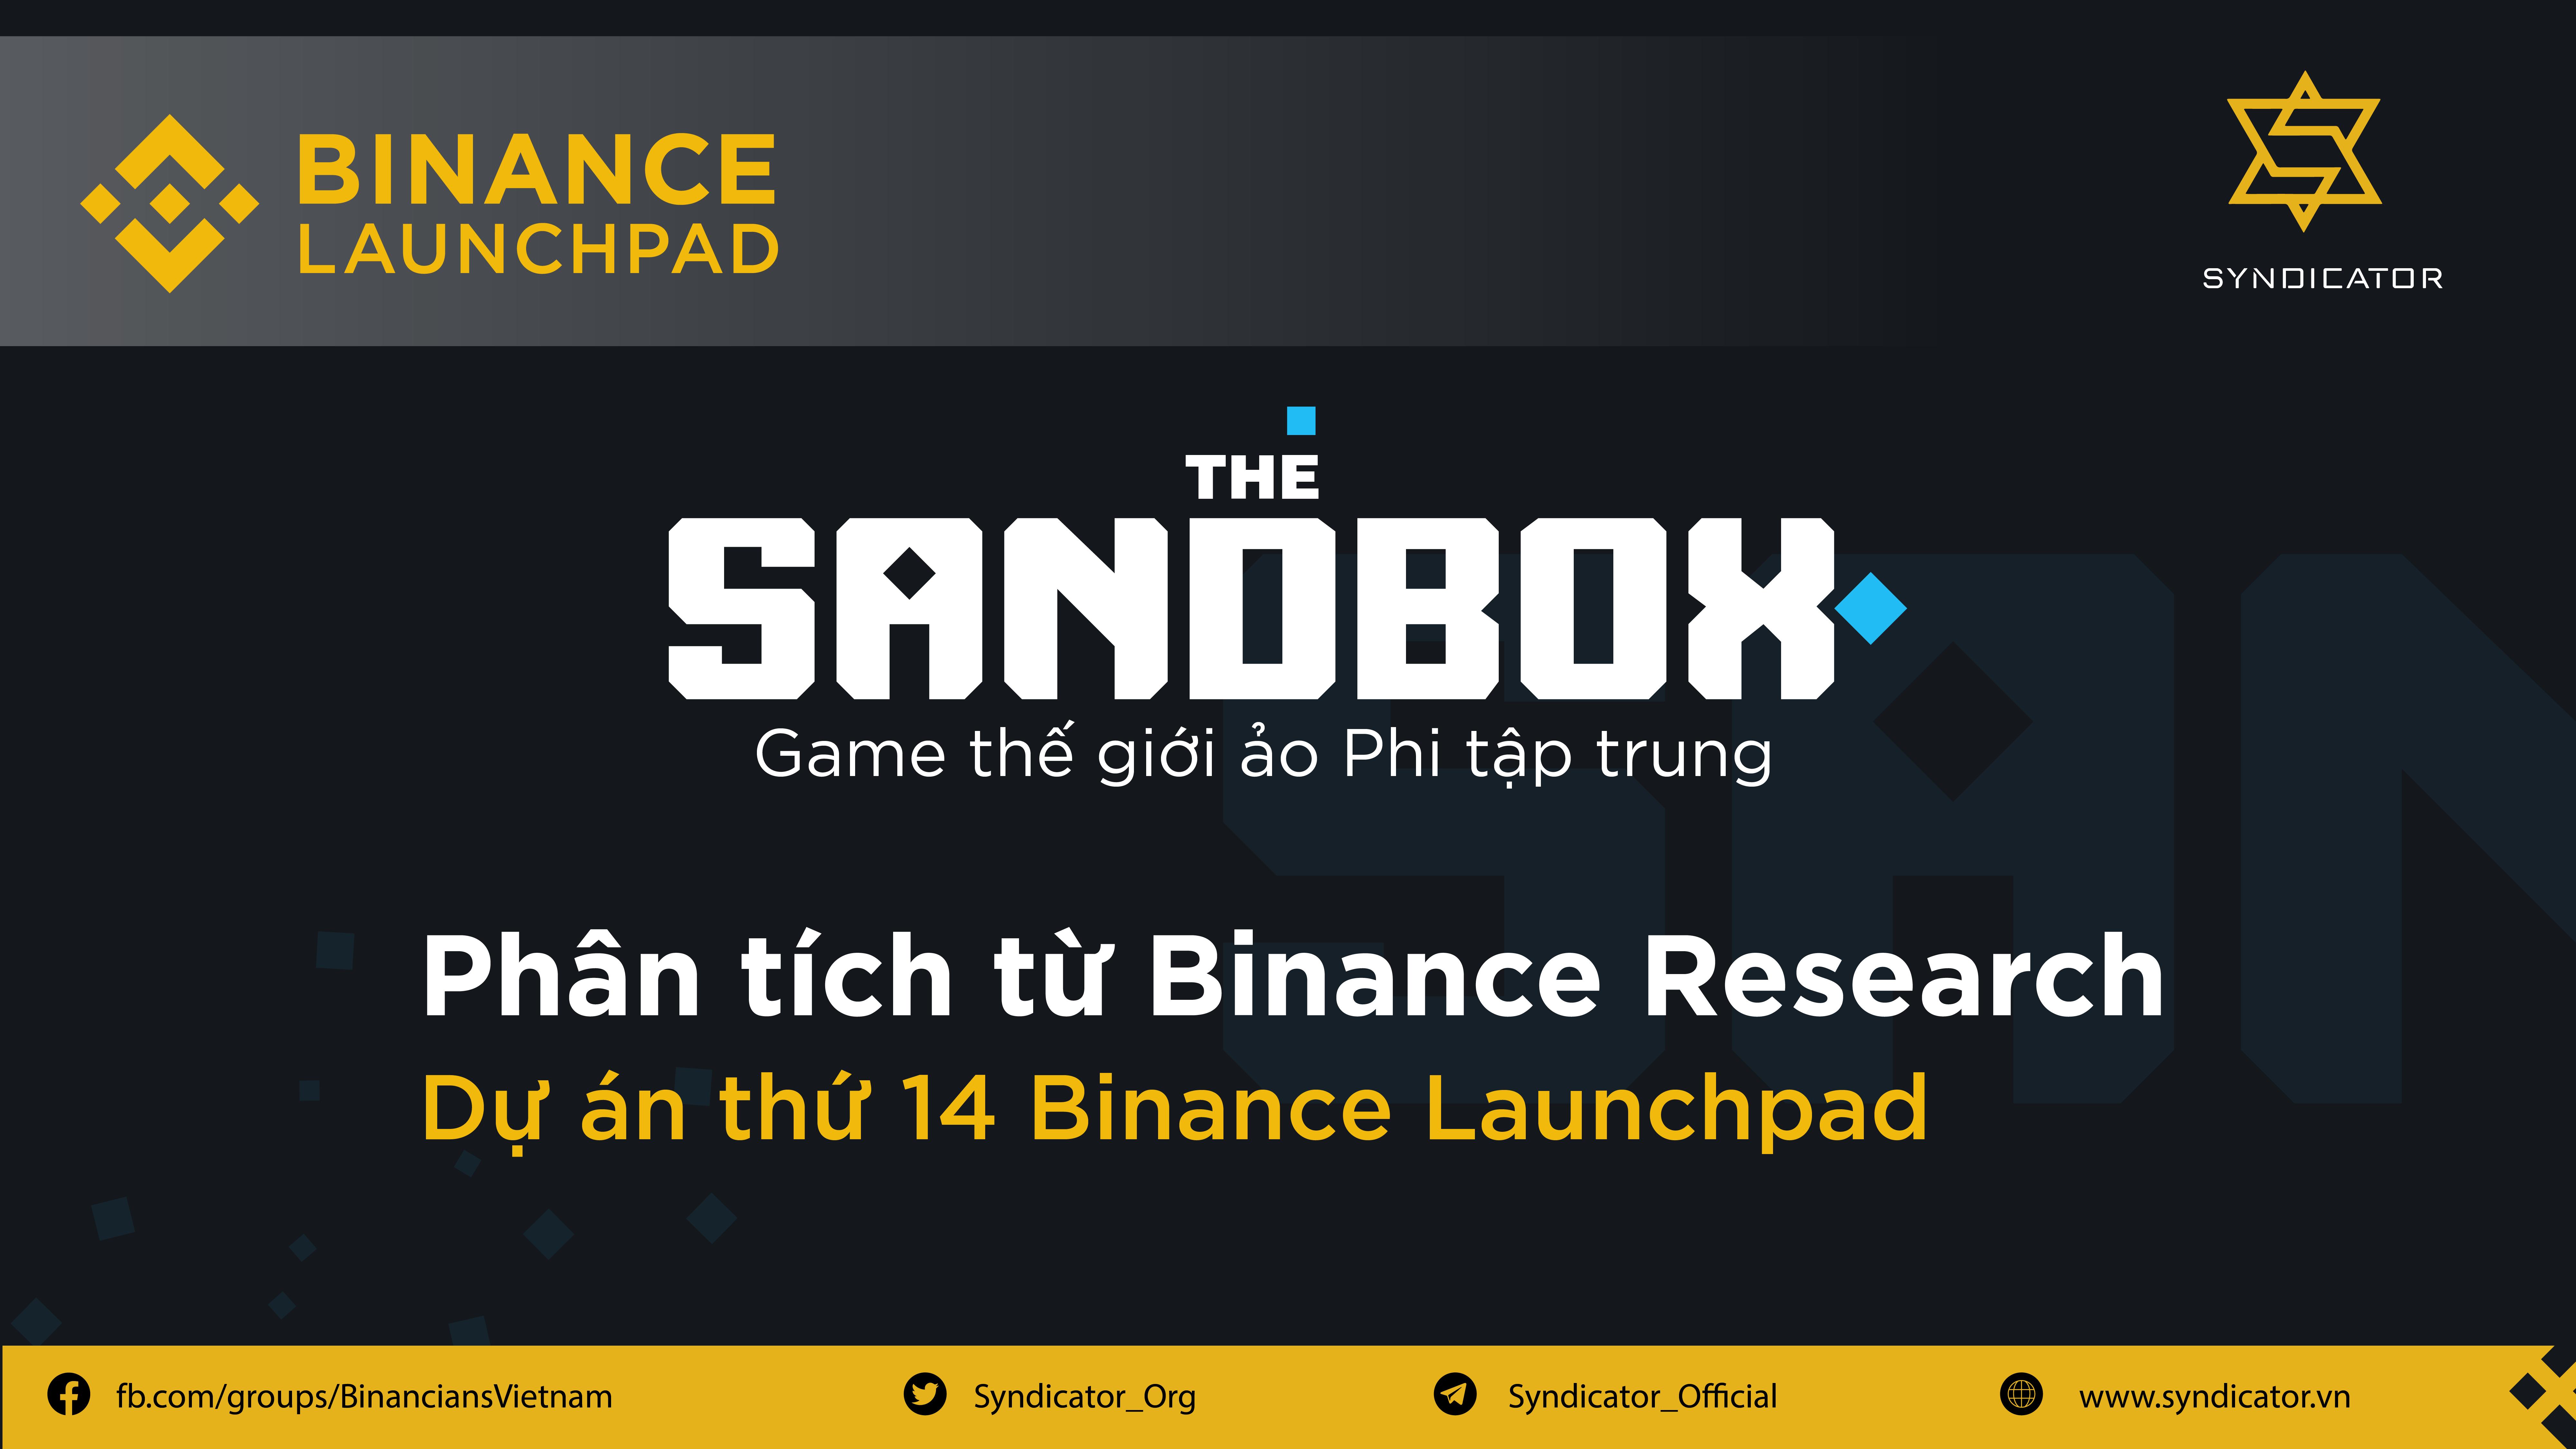 The Sandbox - Game thế giới ảo phi tập trung | Syndicator